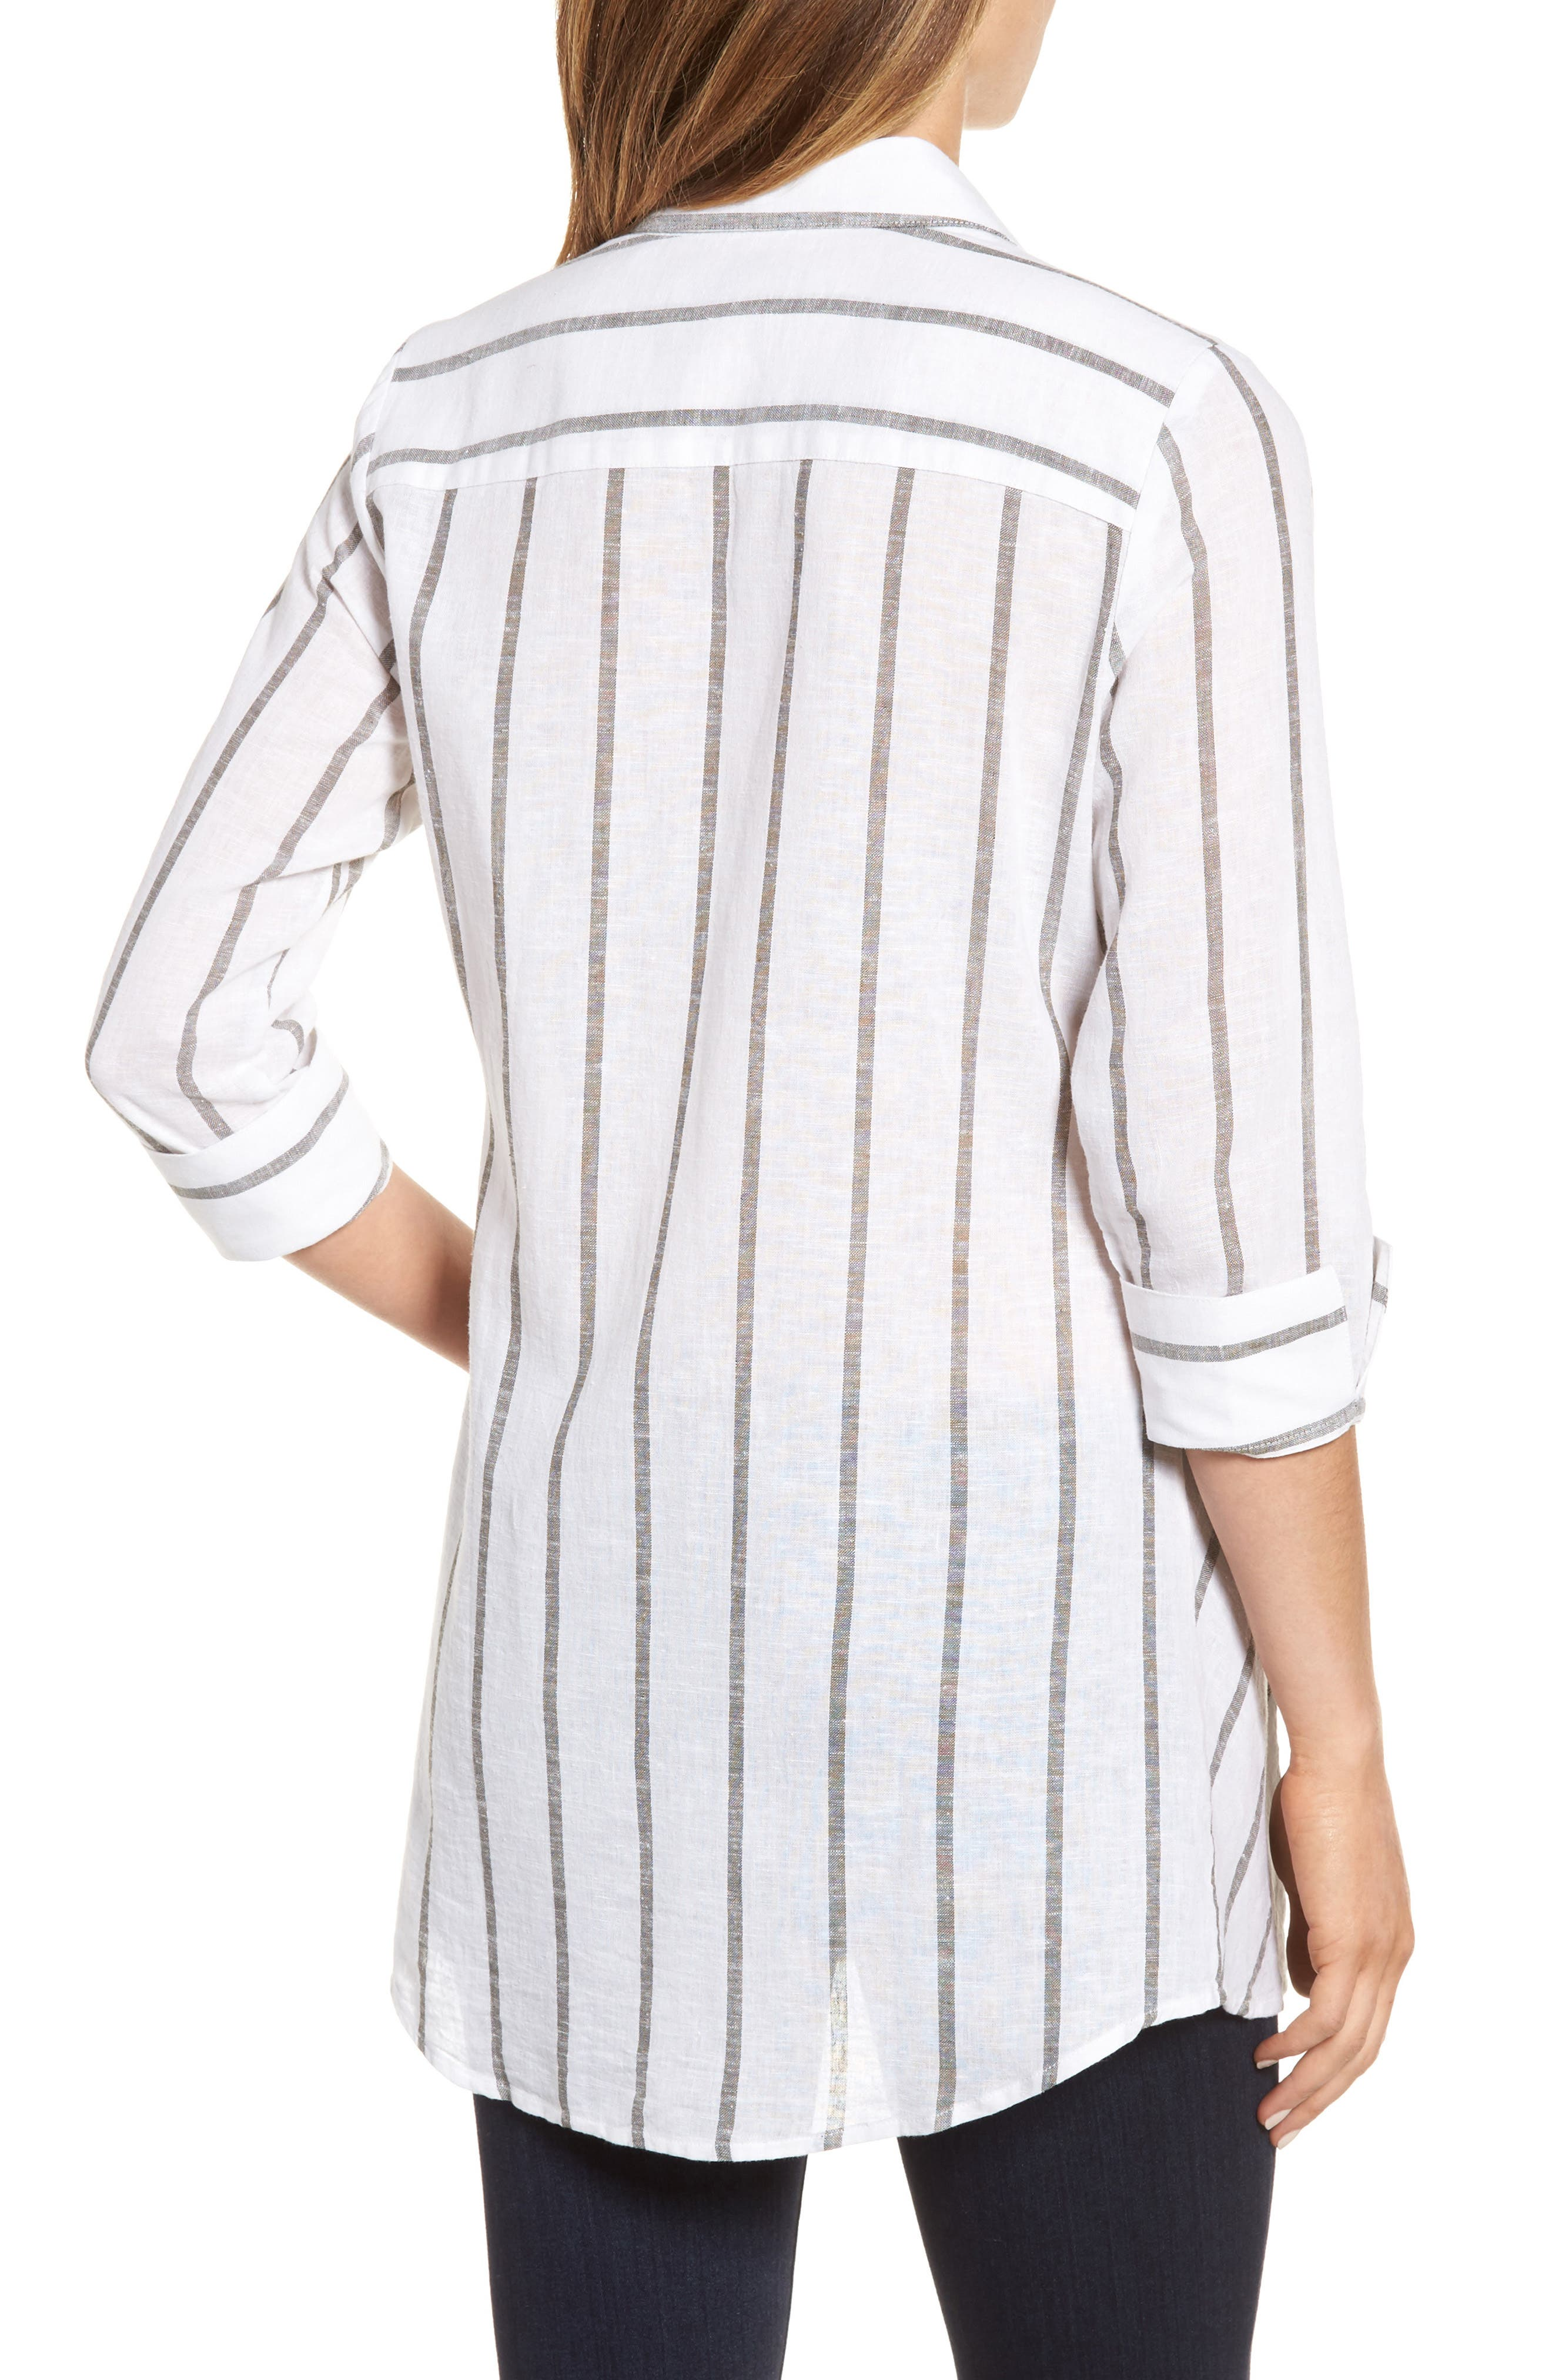 Stripe Tunic Shirt,                             Alternate thumbnail 2, color,                             White/ Olive